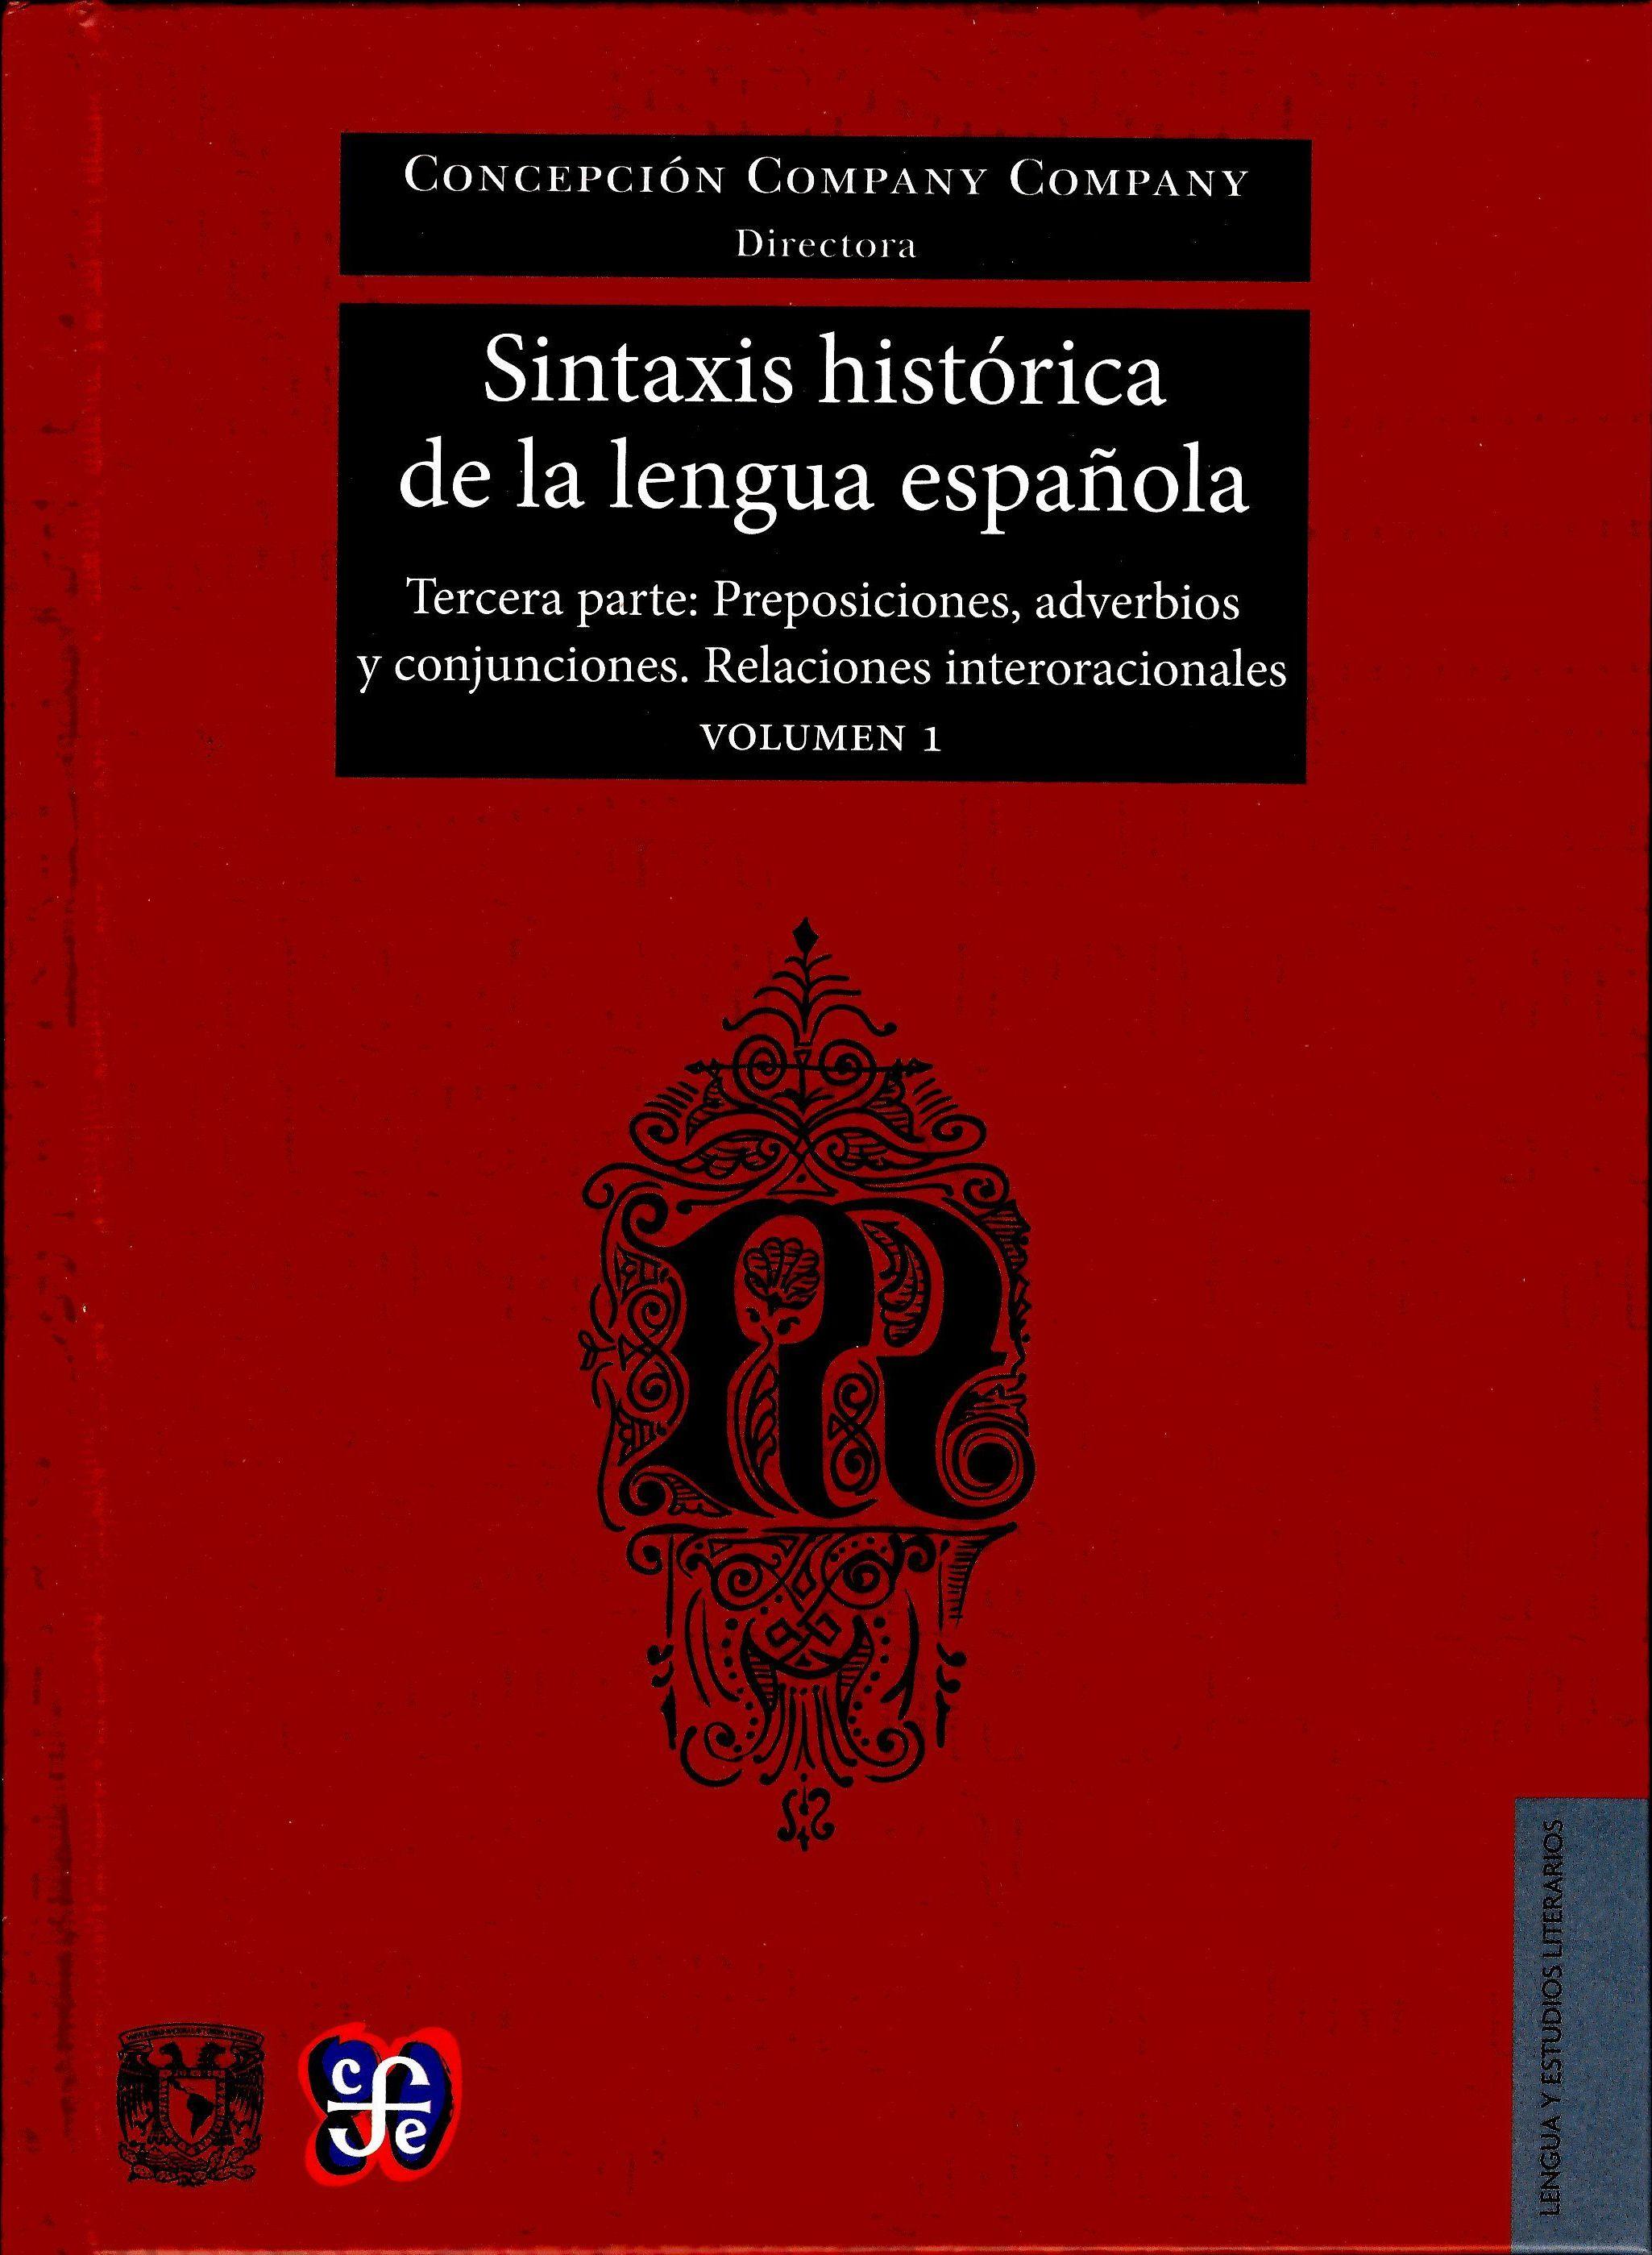 Sintaxis histórica de la lengua española. Vol.1